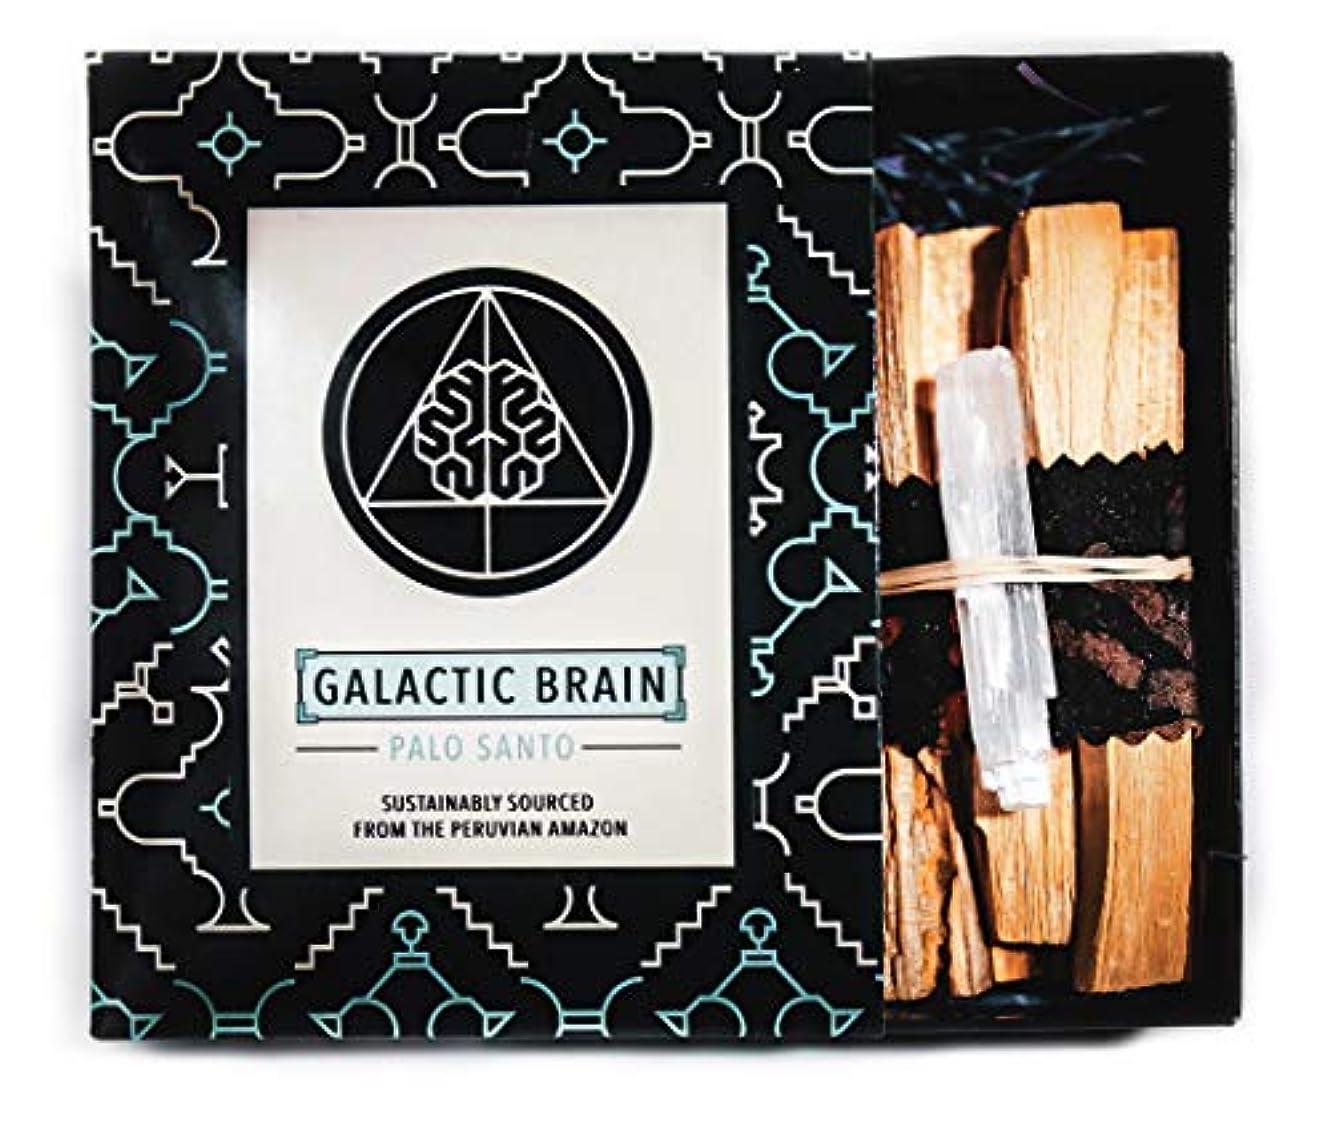 GalacticBrainパロサントスマッジスティックキット ご自宅をきれいにしましょう。 瞑想/ヨガの練習を強化。 自然とつながります。 振動を上げましょう。 ギフトセット入りスマッジスティック 12本 (90g) 4インチ